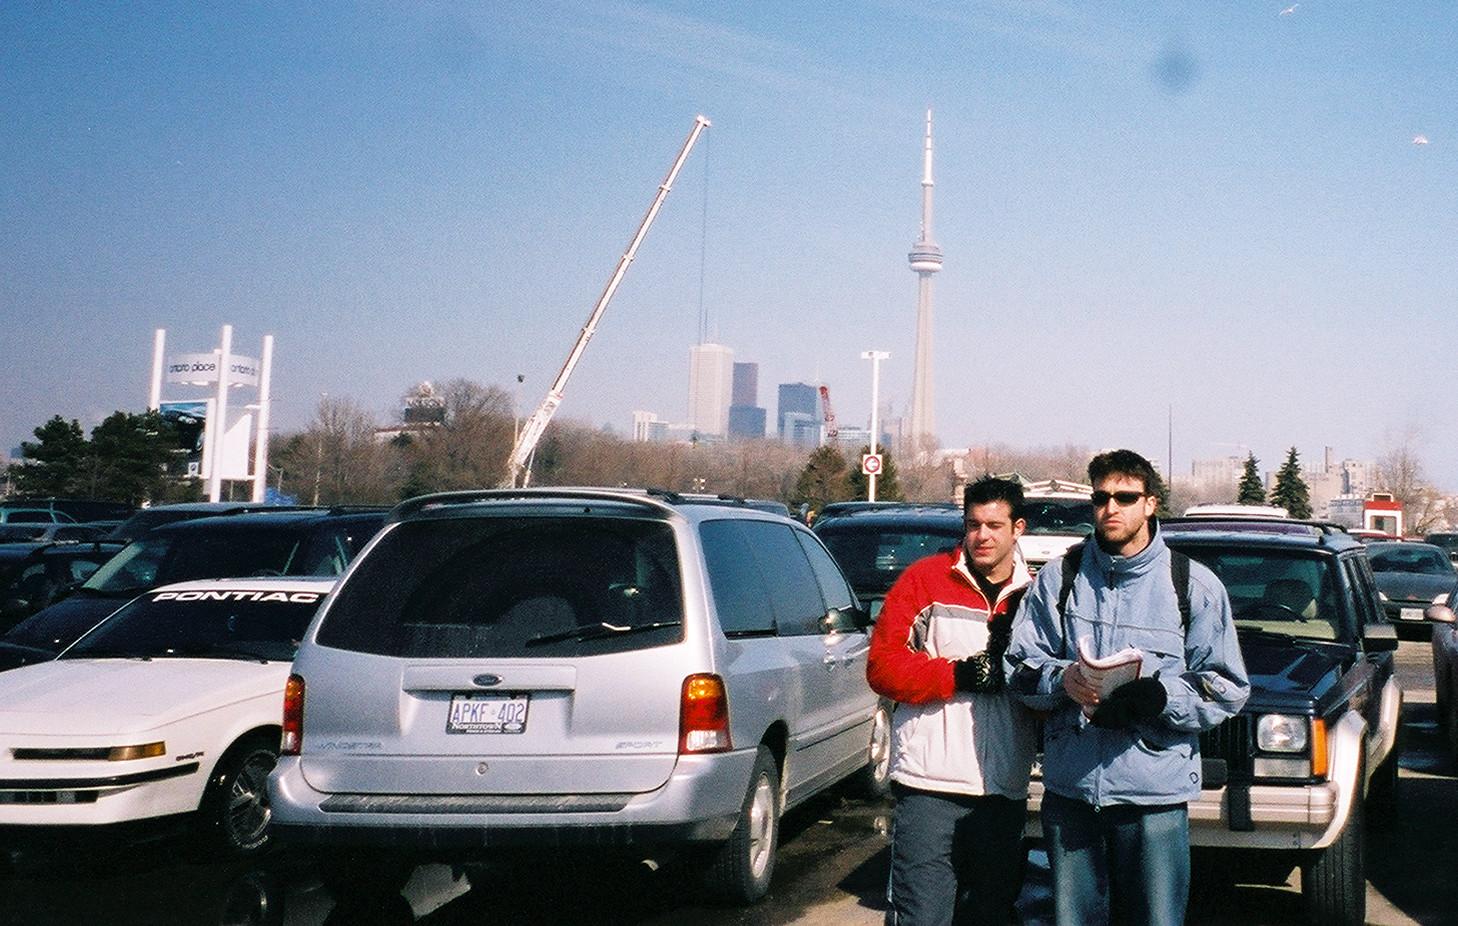 Toronto en un día - Canadá - eTa - Visado - Thewotme toronto en un día - 50060903448 18a174f2e2 h - Toronto en un día